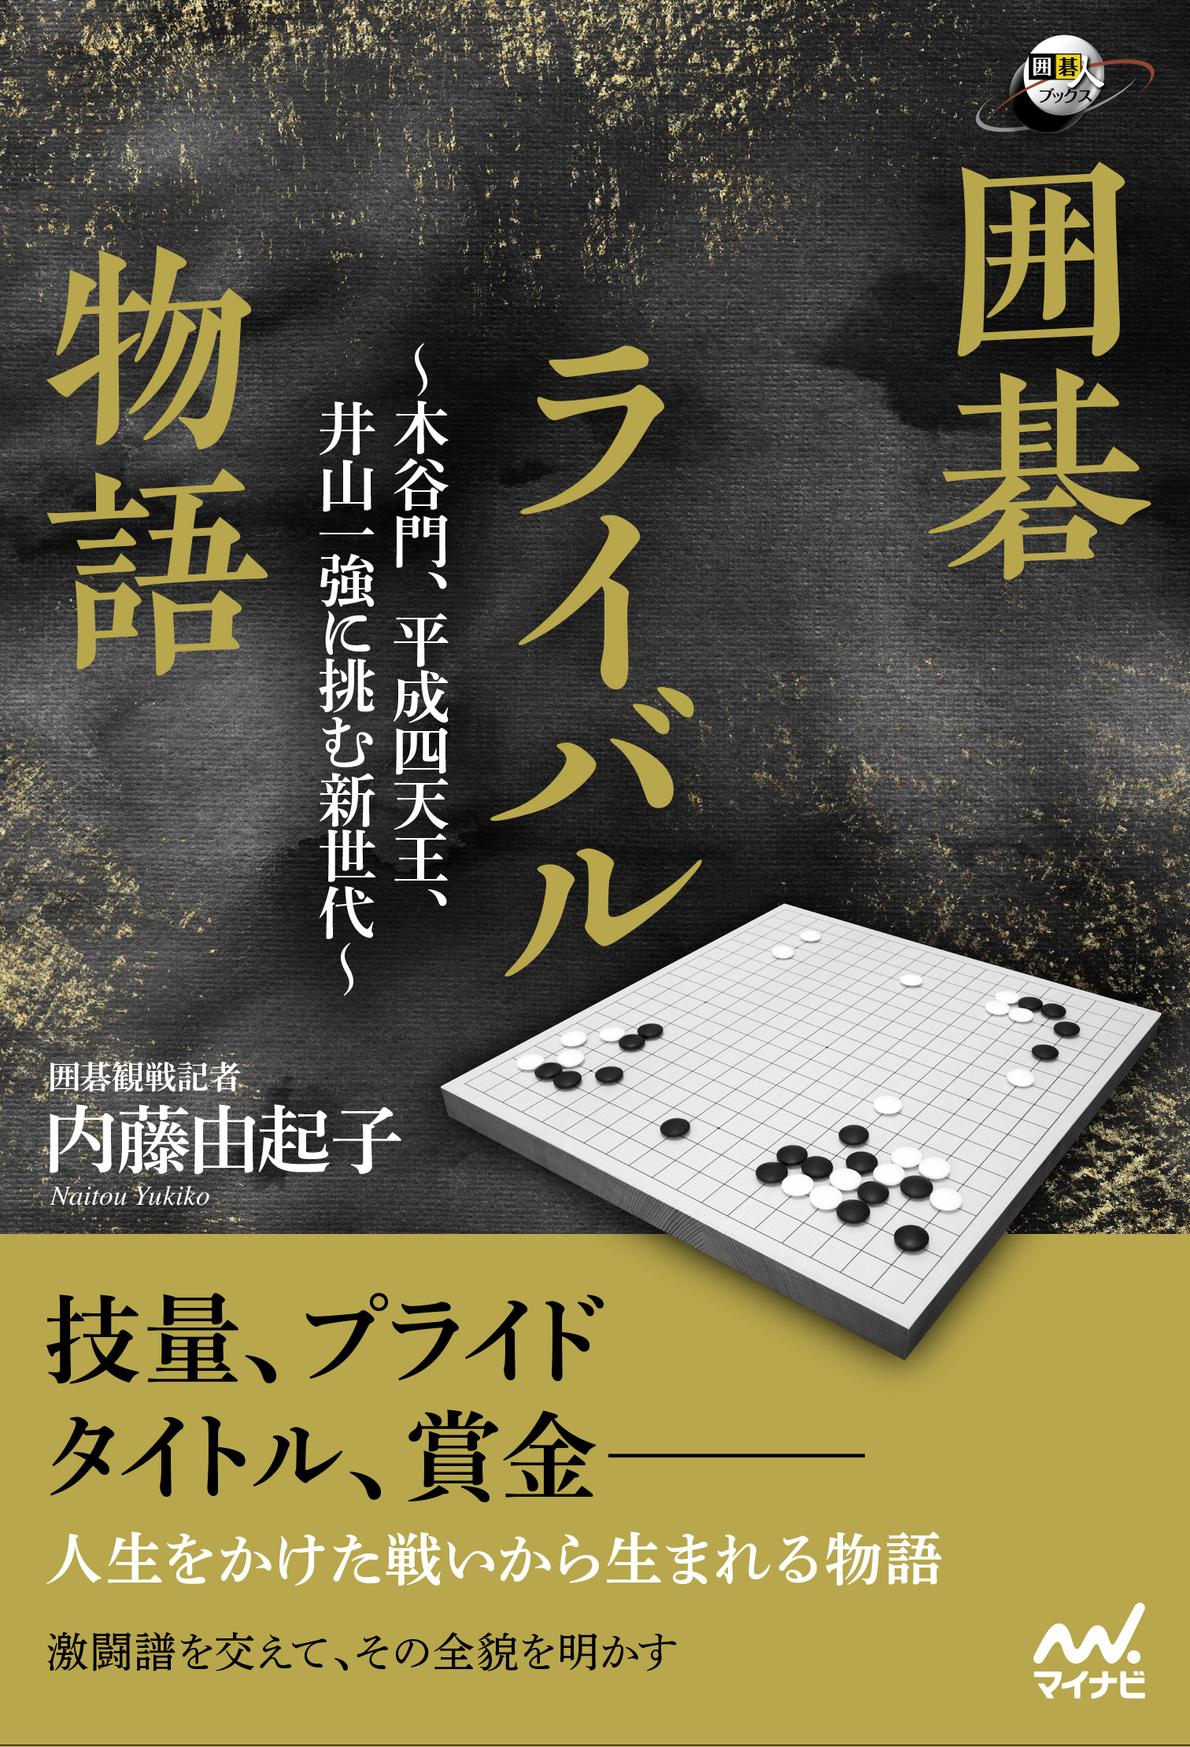 戦 囲碁 賞金 名人